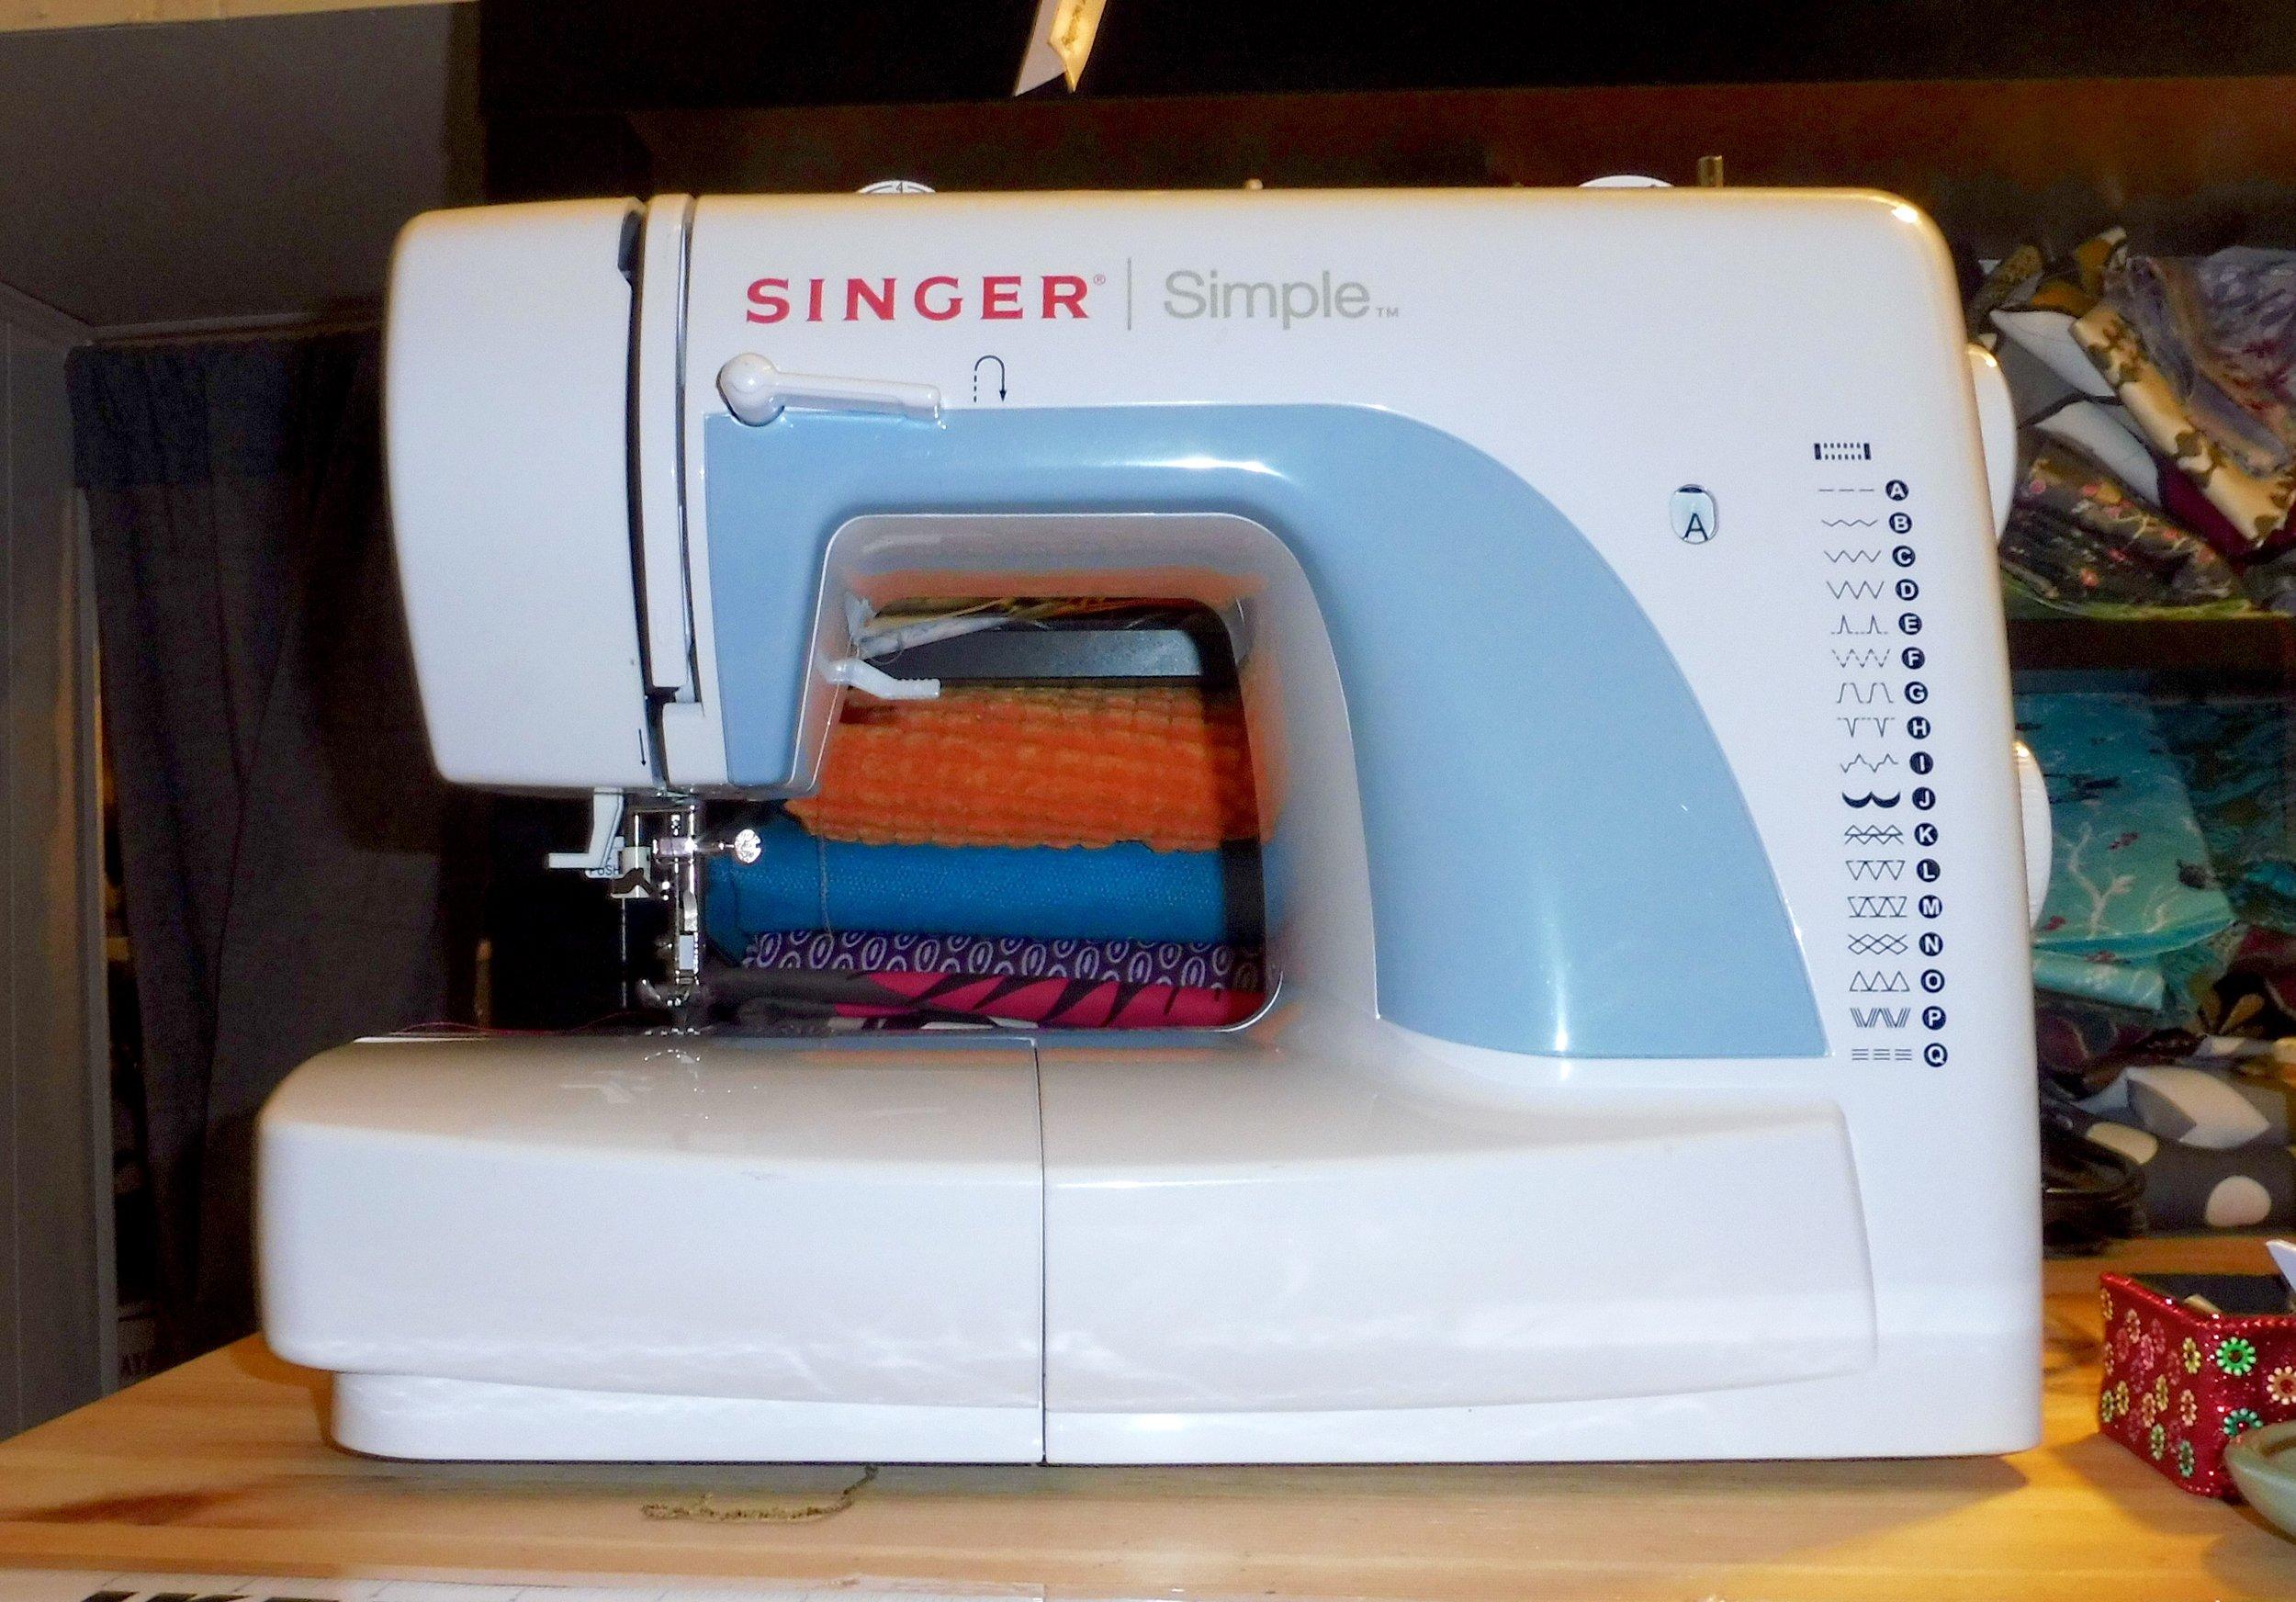 The original Cara B. sewing machine.